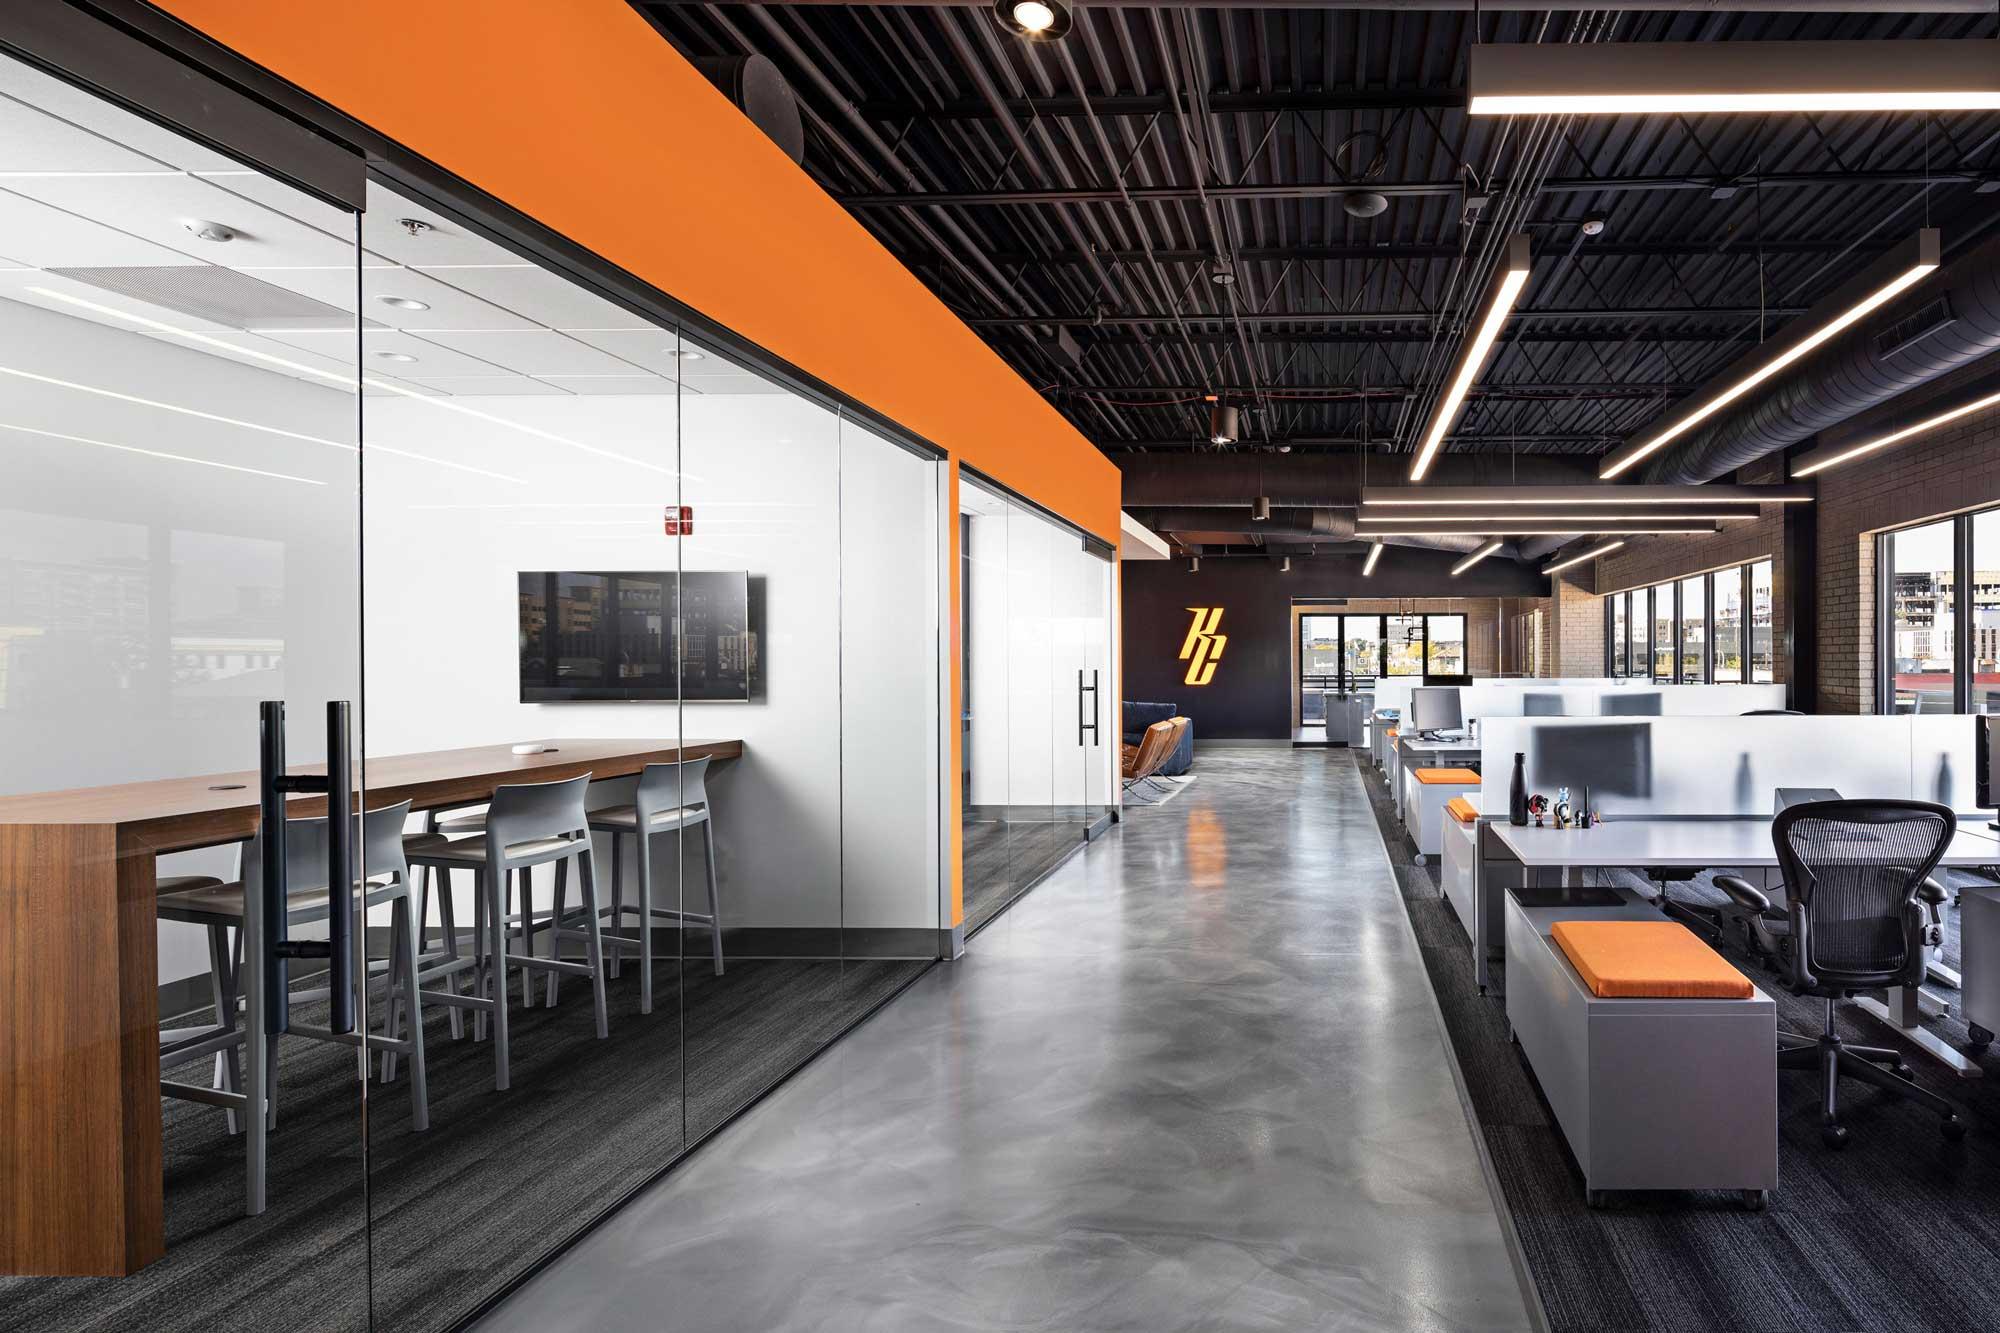 2120 E. Eleven Mile office exterior